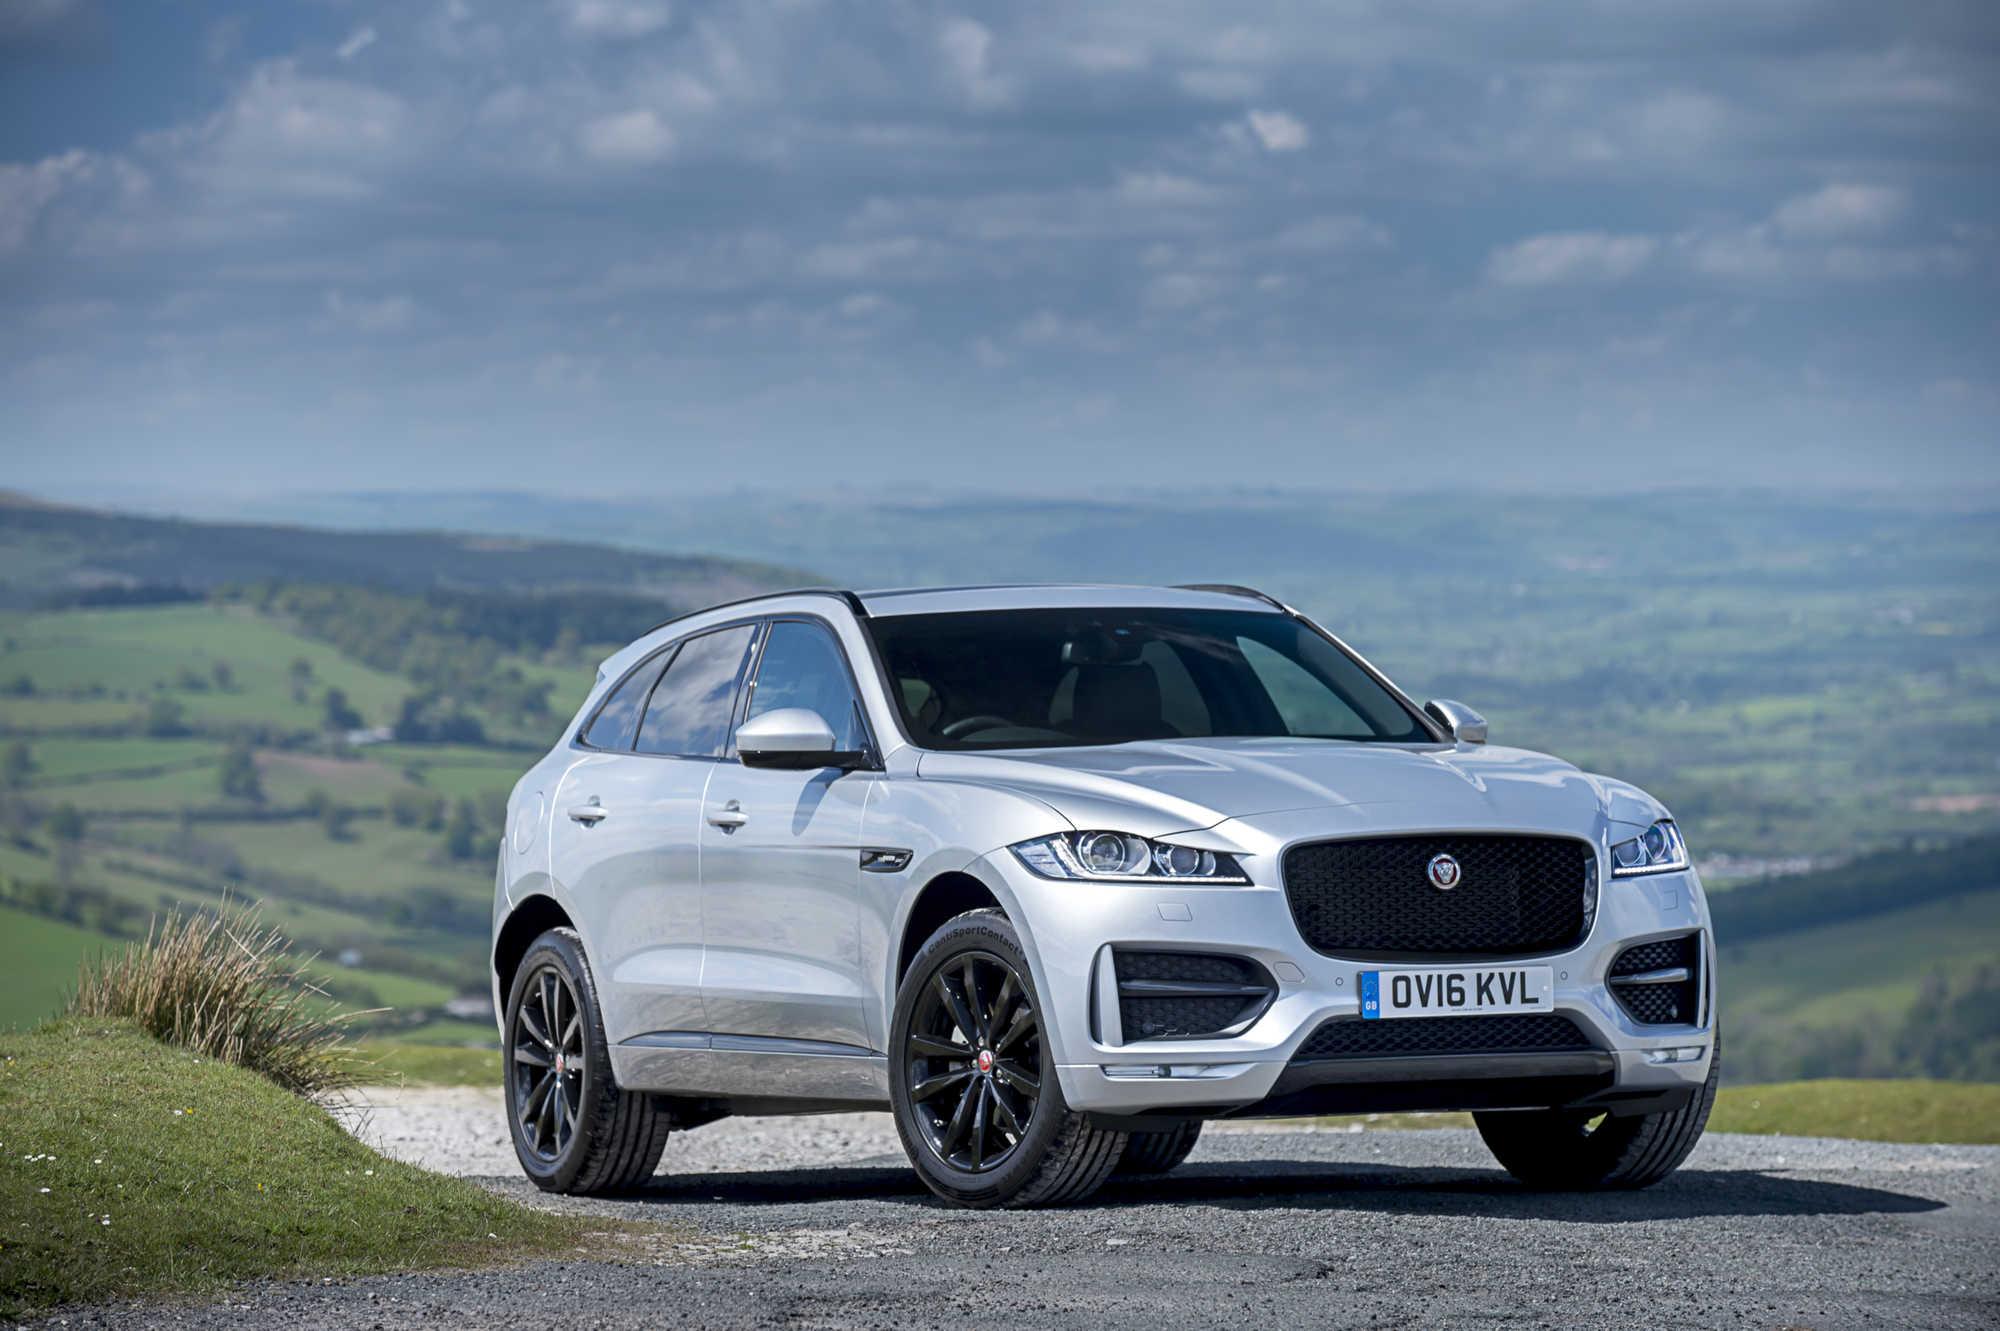 jaguar f pace 2 0 litre diesel r sport suv review car keys. Black Bedroom Furniture Sets. Home Design Ideas